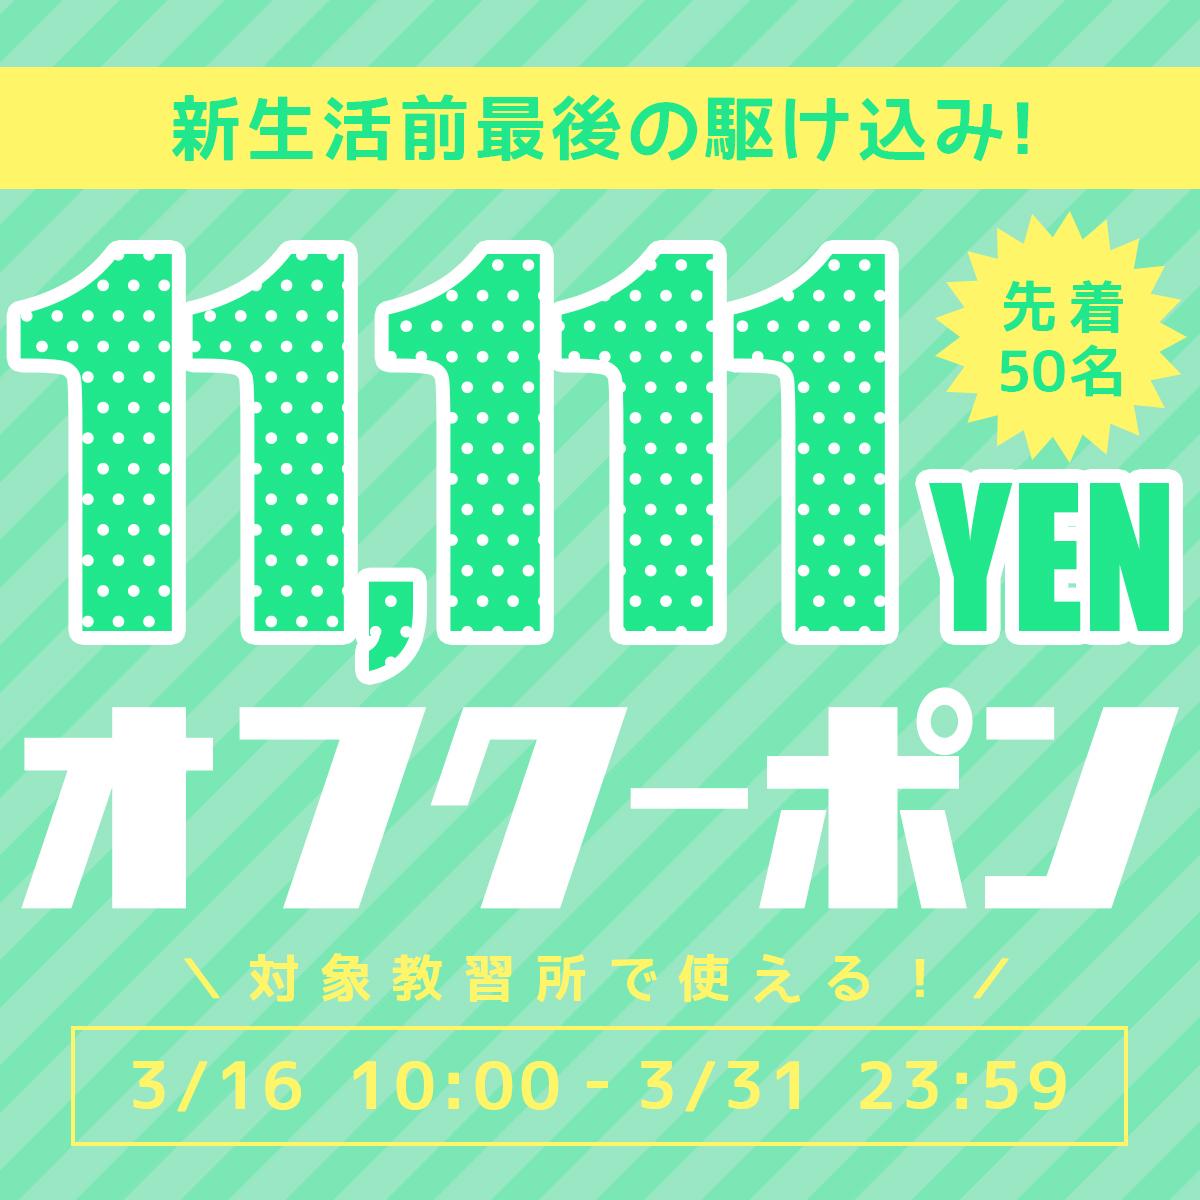 全会員対象11,111円OFFクーポン